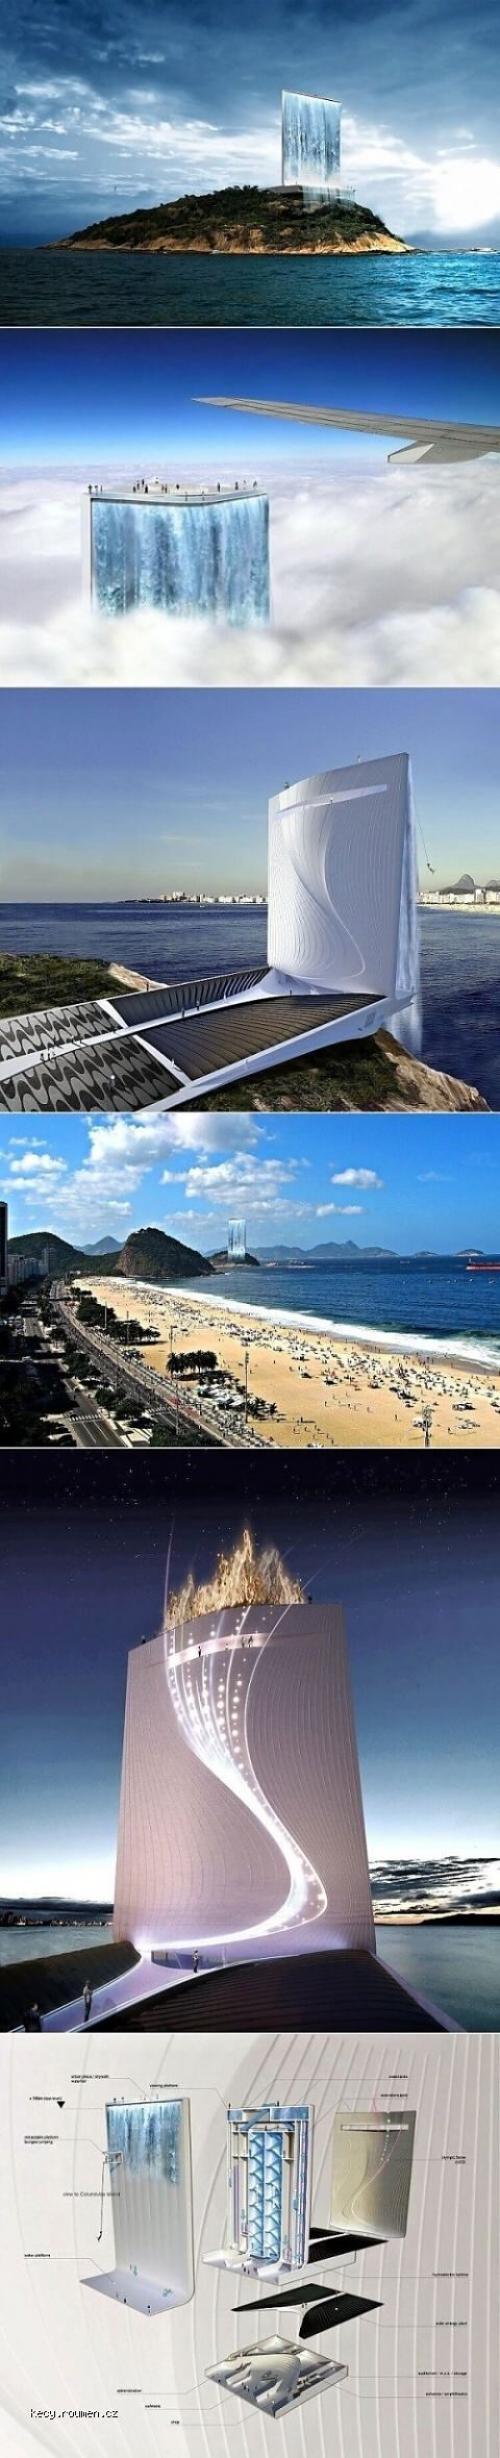 Solar City Tower for Olympics 2016  Rio de Janeiro